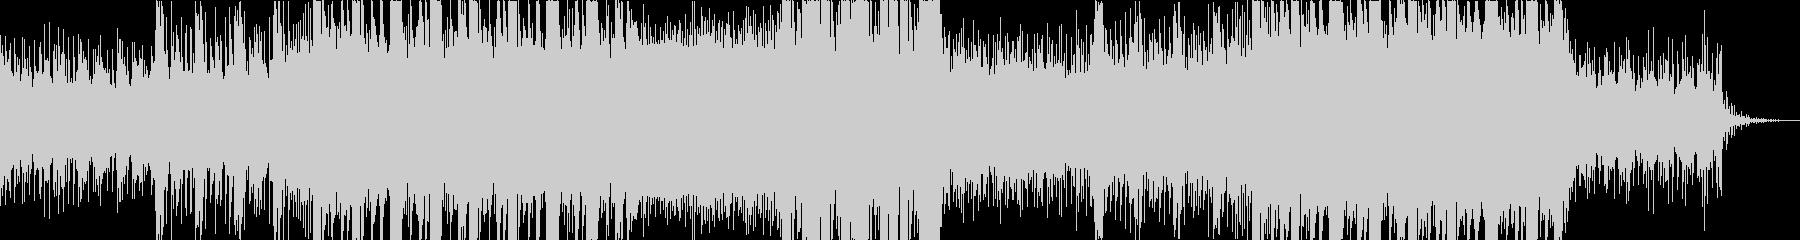 ヘヴィなリディムトラップ・ダブステップの未再生の波形